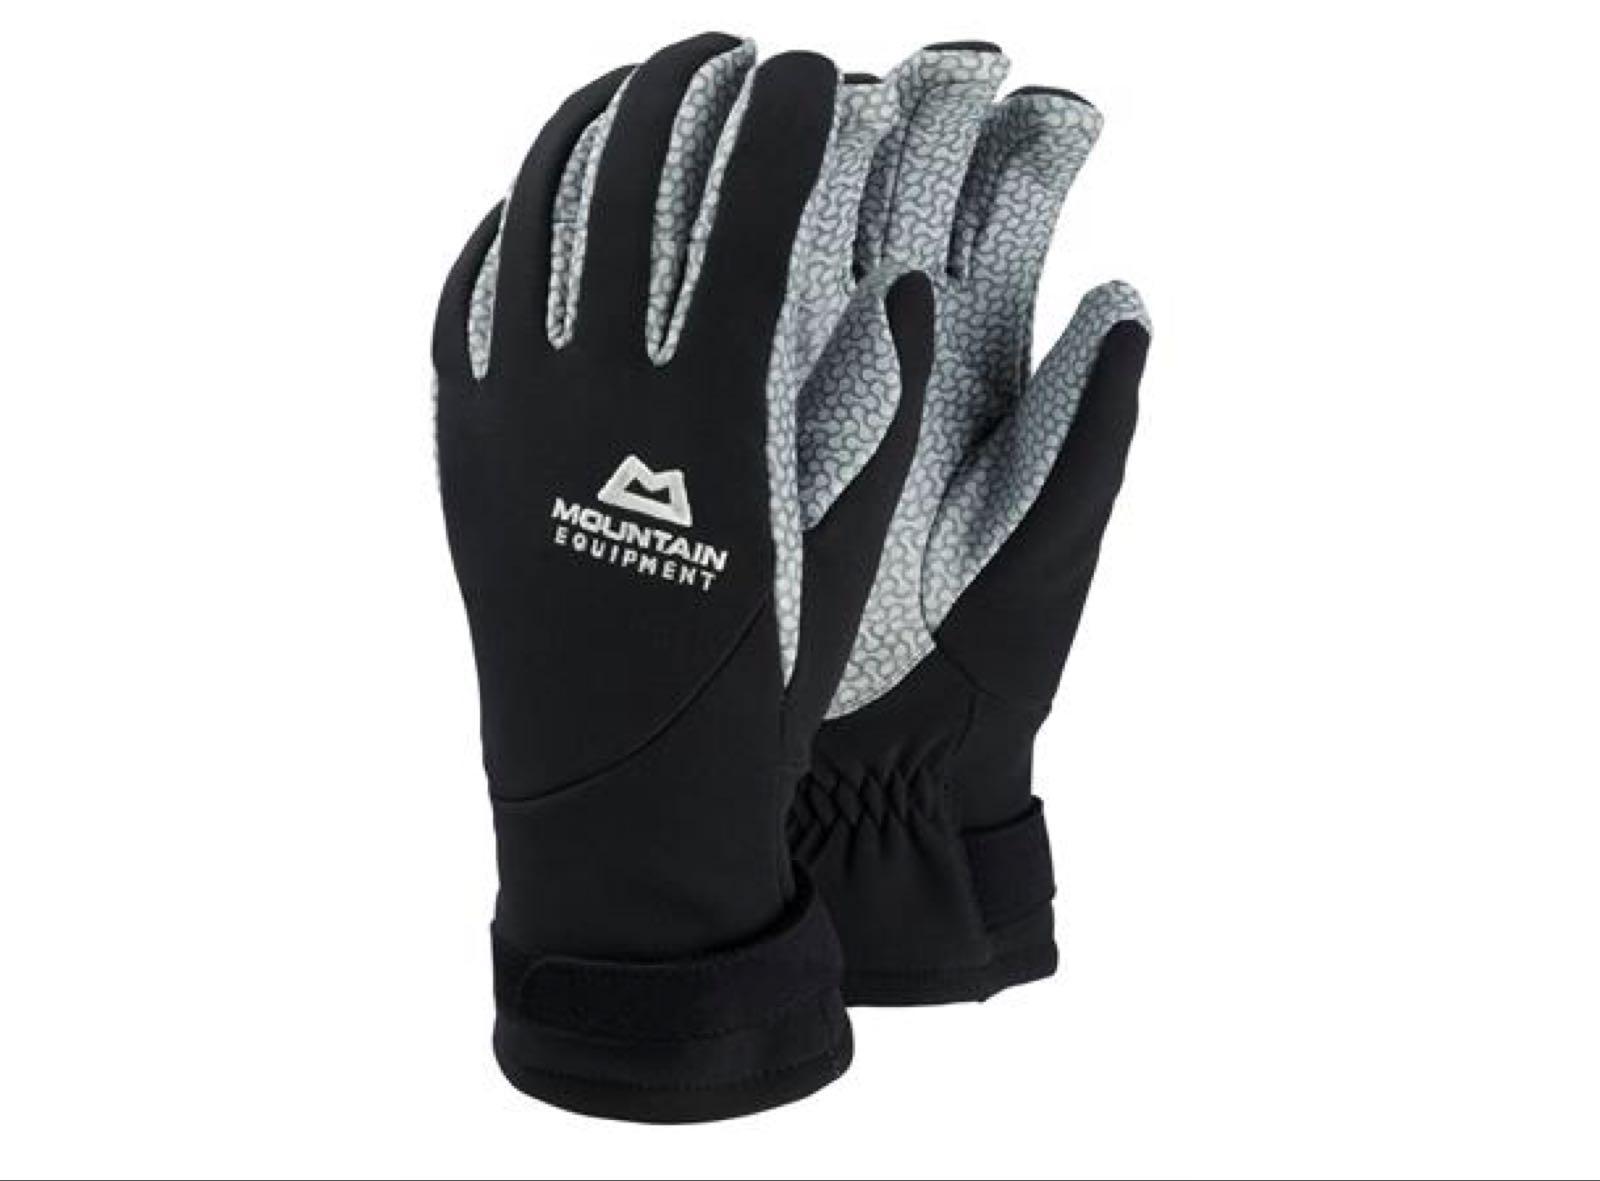 Super Alpine Wmns glove